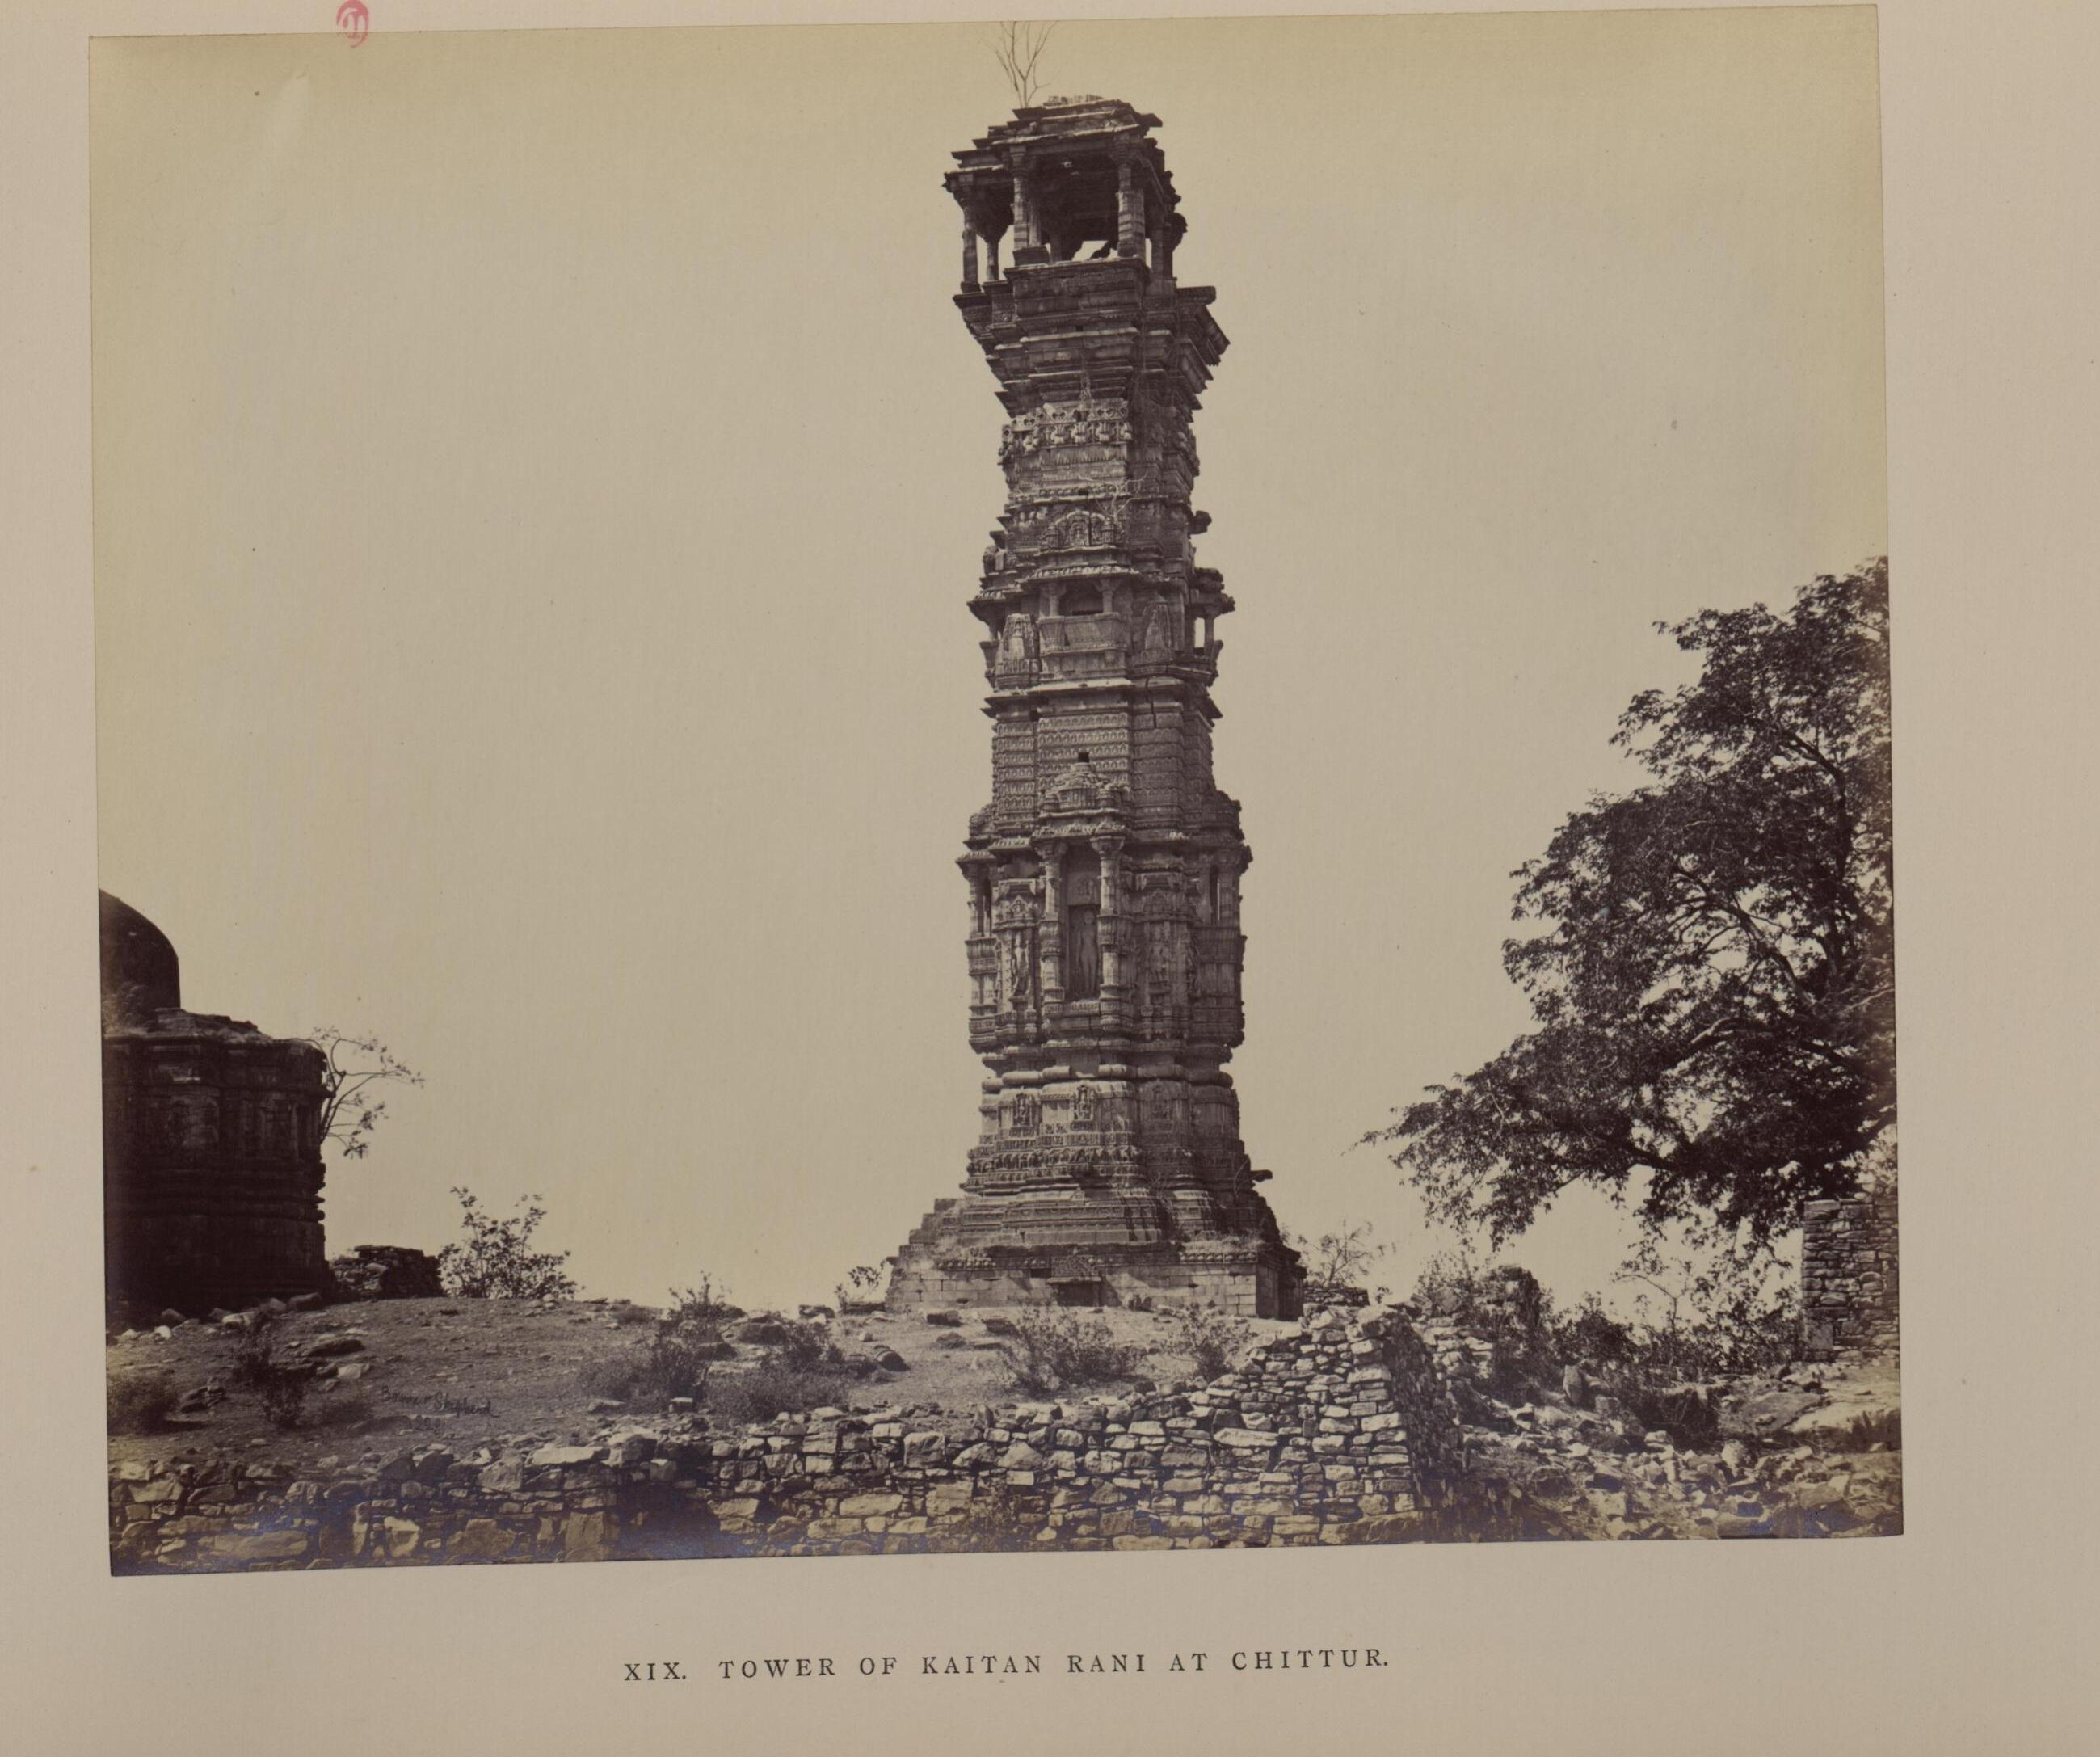 Читтур. Башня Каитан Рани